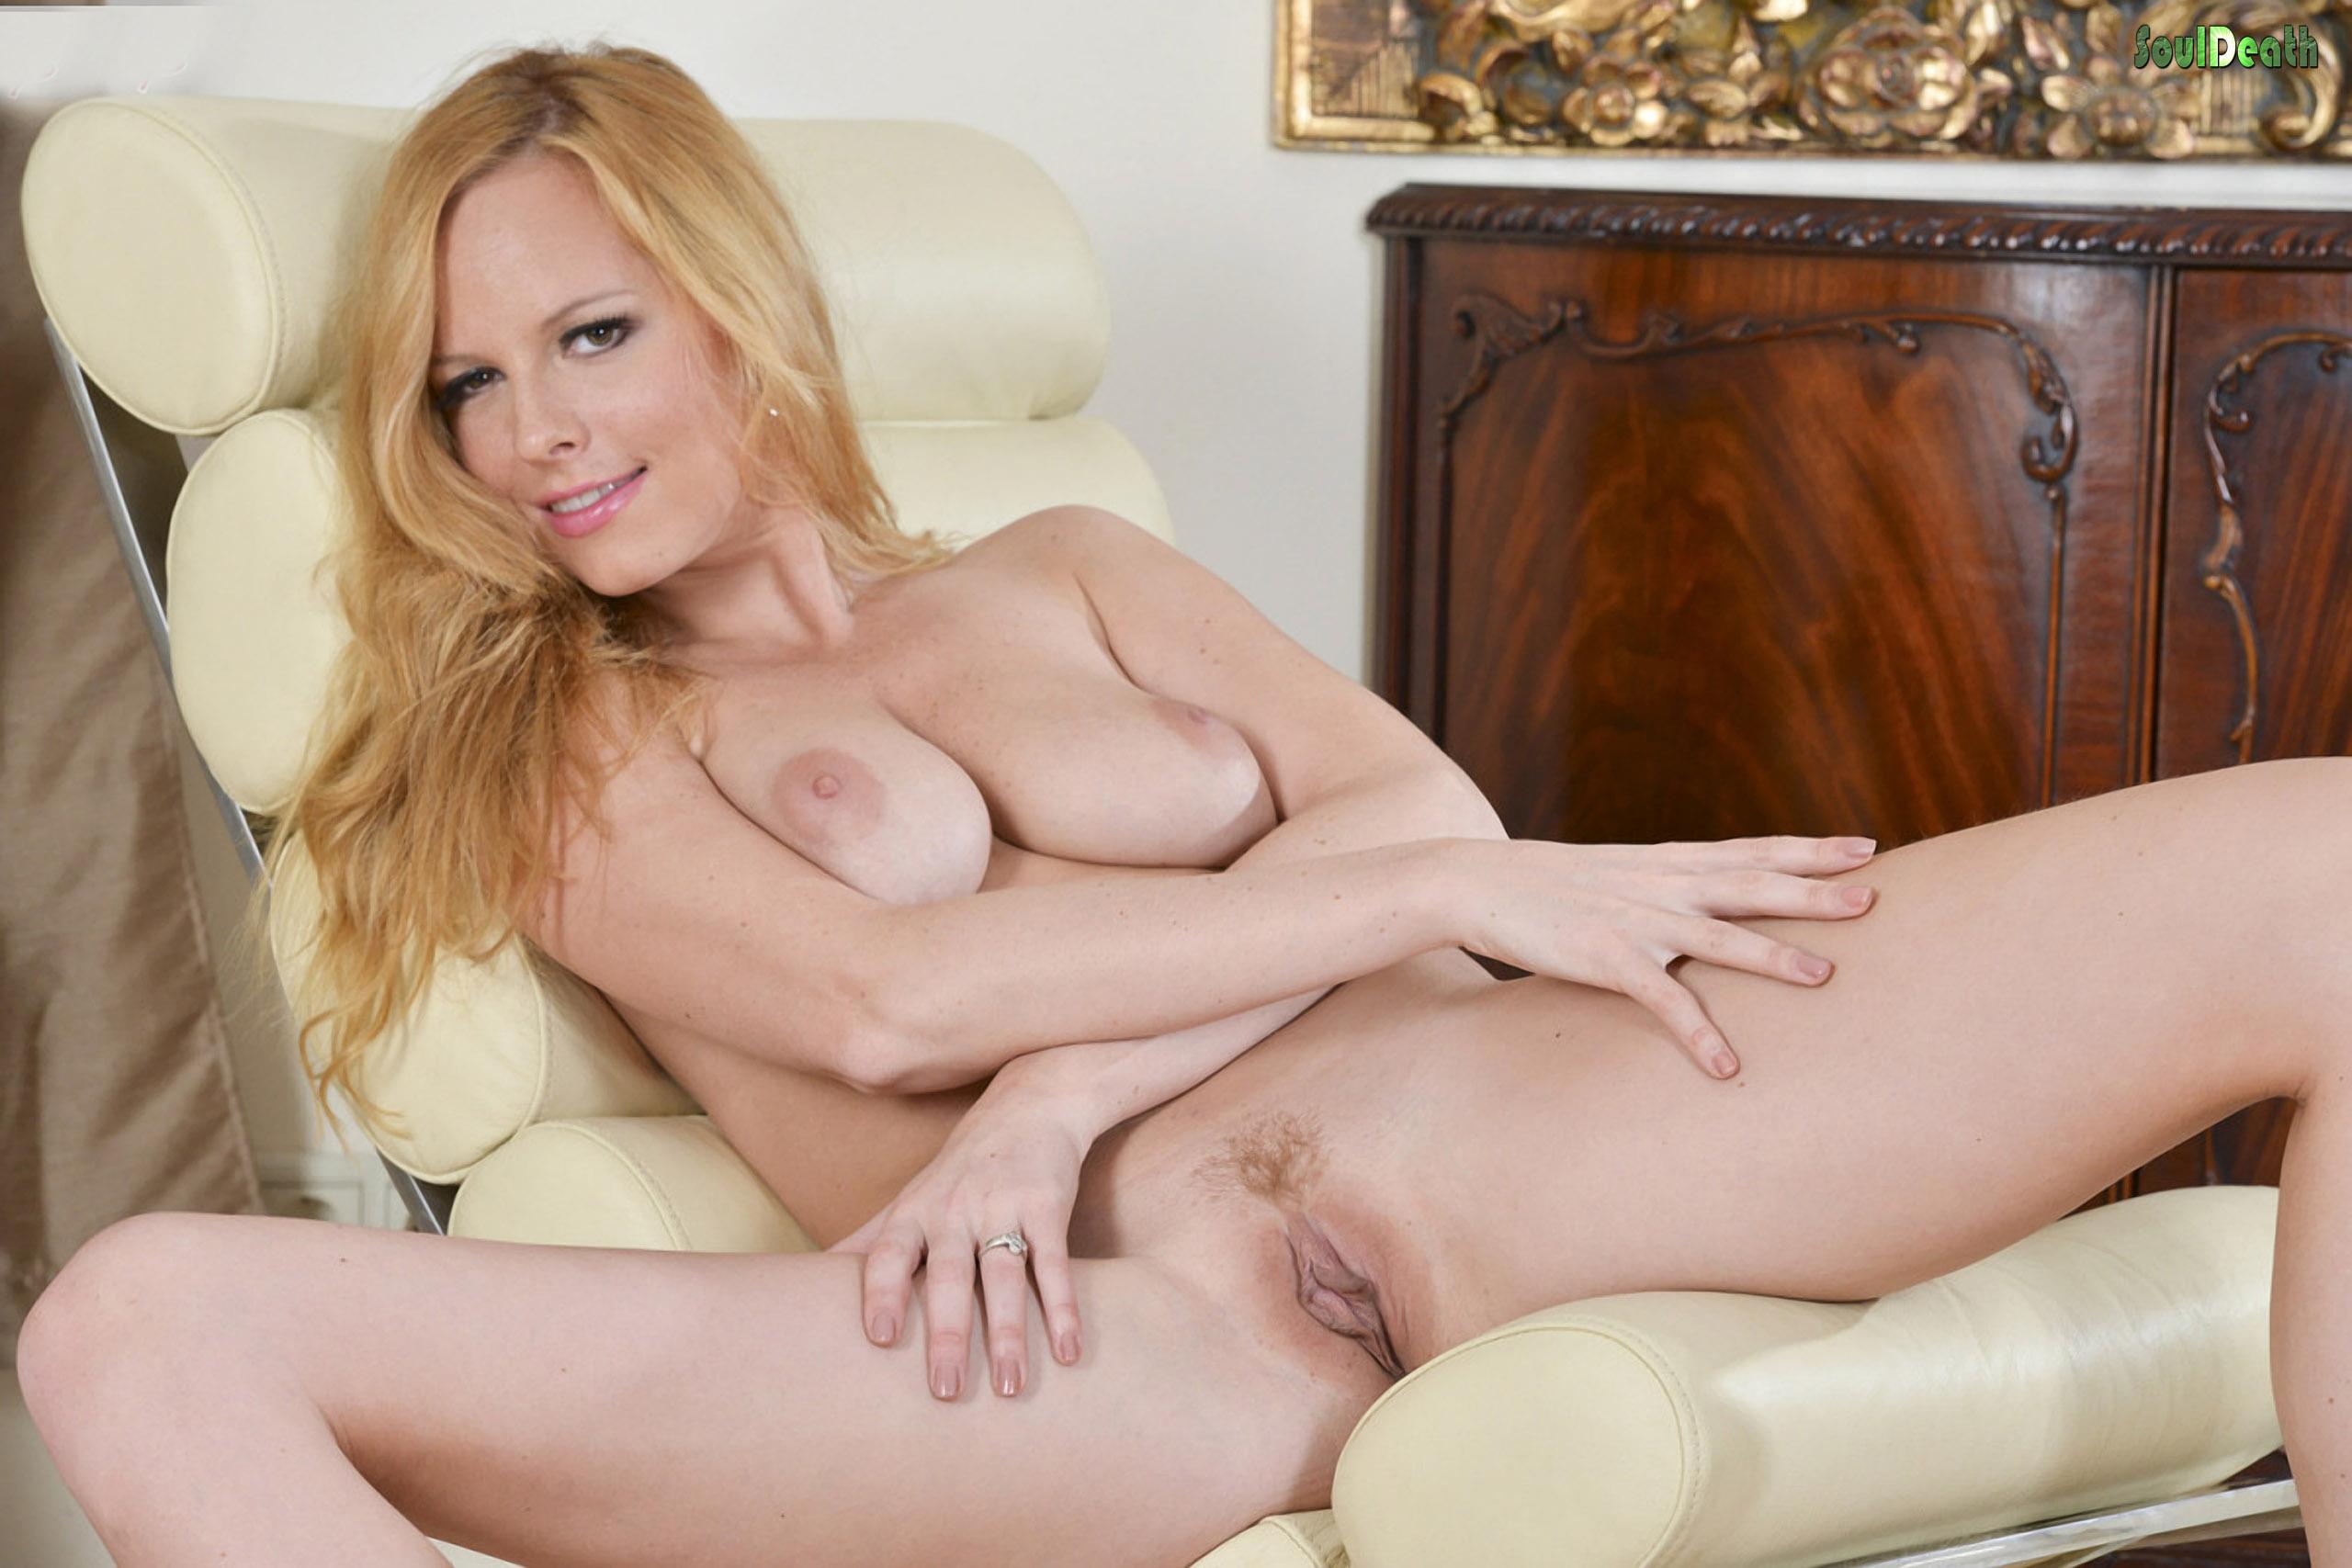 Sierra mccormick nude